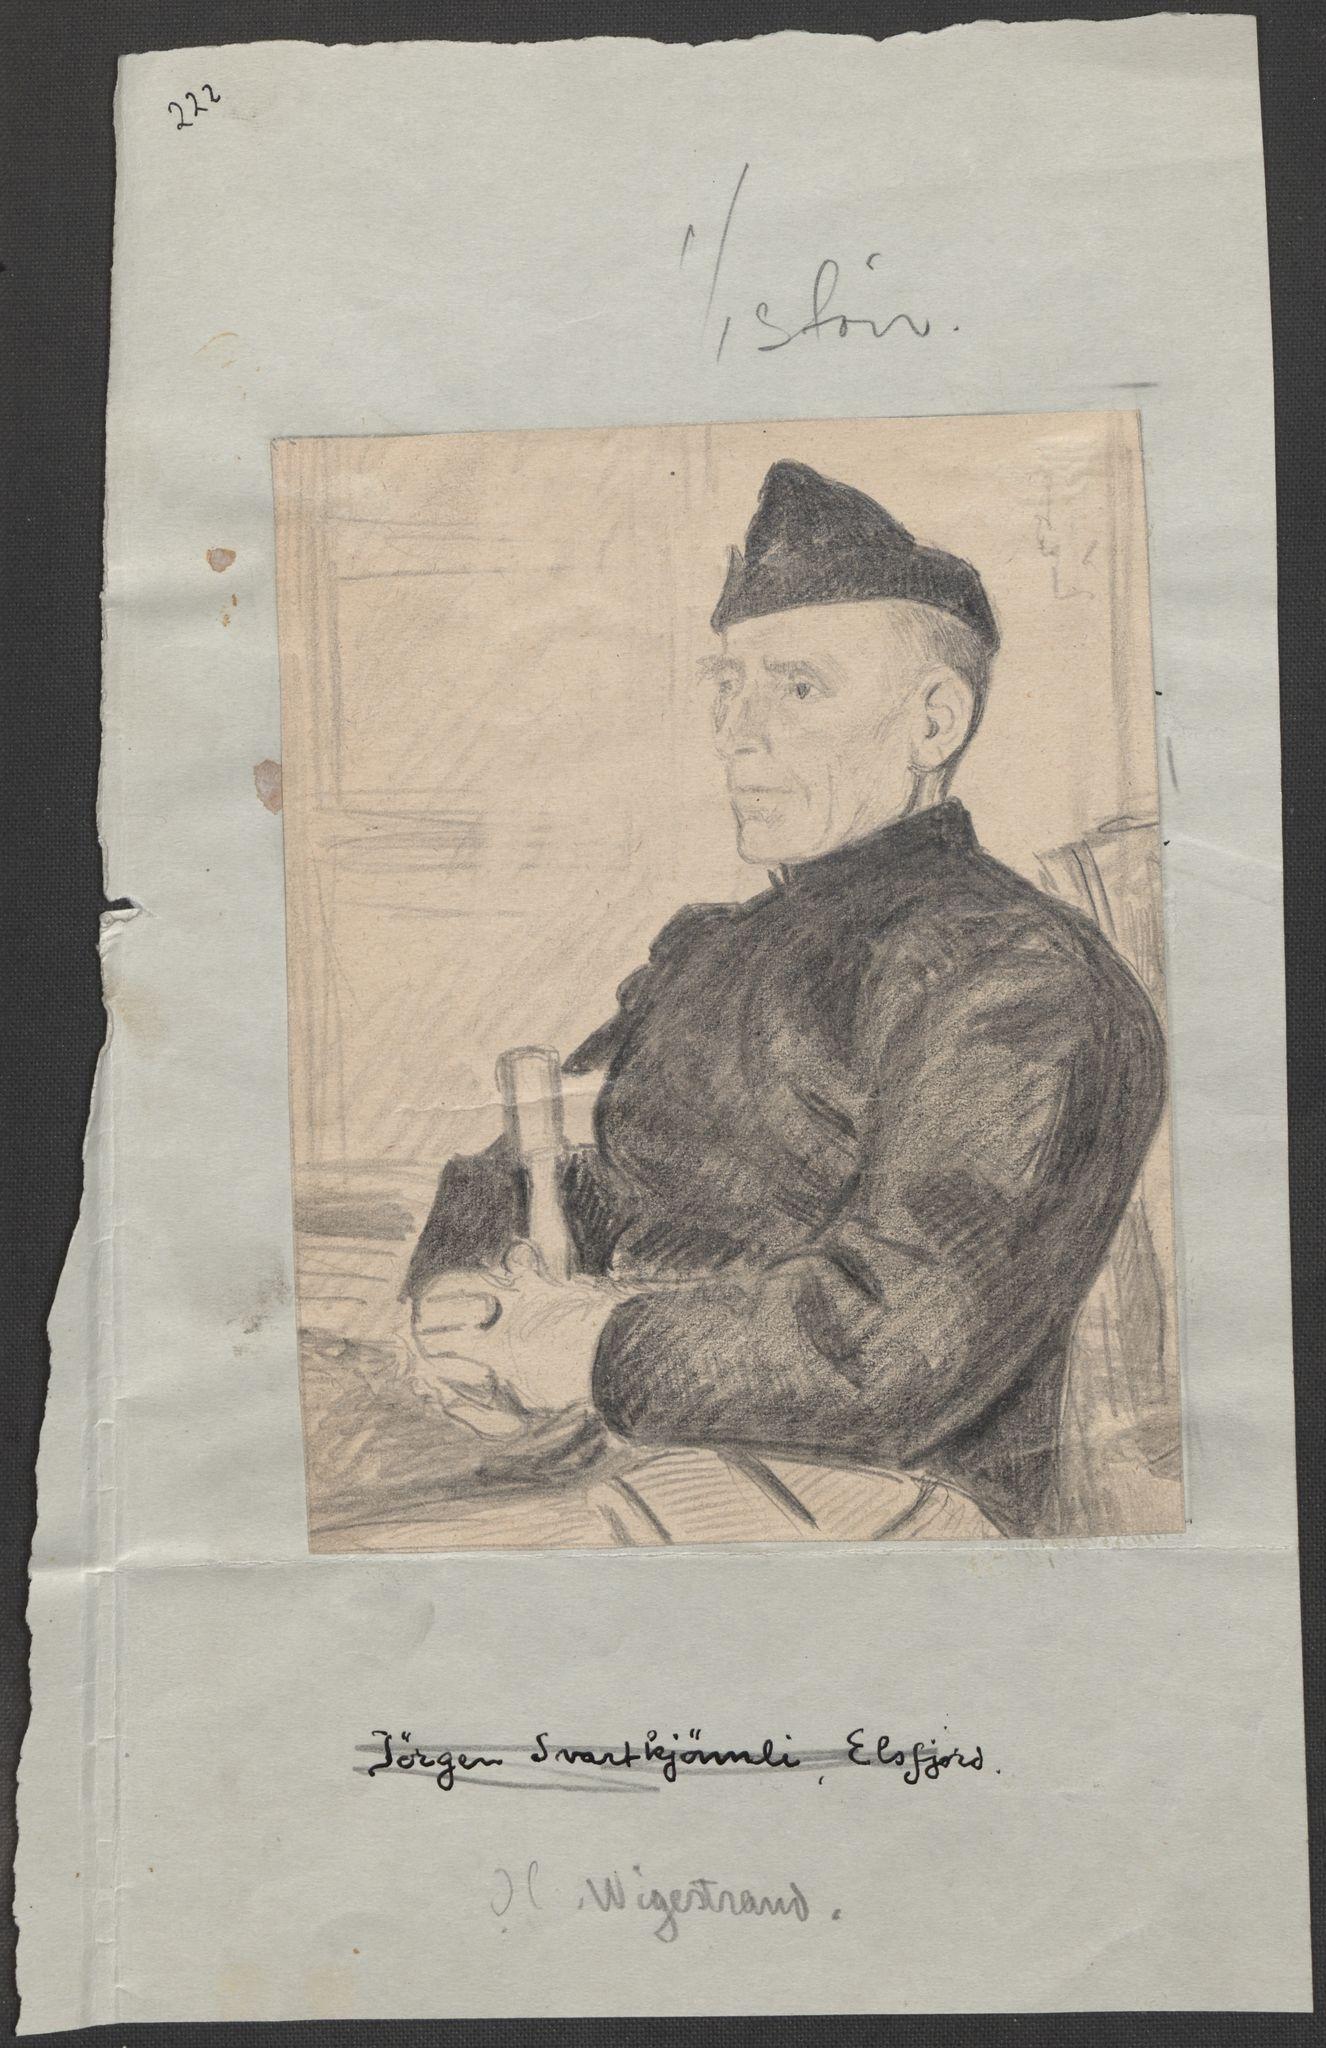 RA, Grøgaard, Joachim, F/L0002: Tegninger og tekster, 1942-1945, s. 98